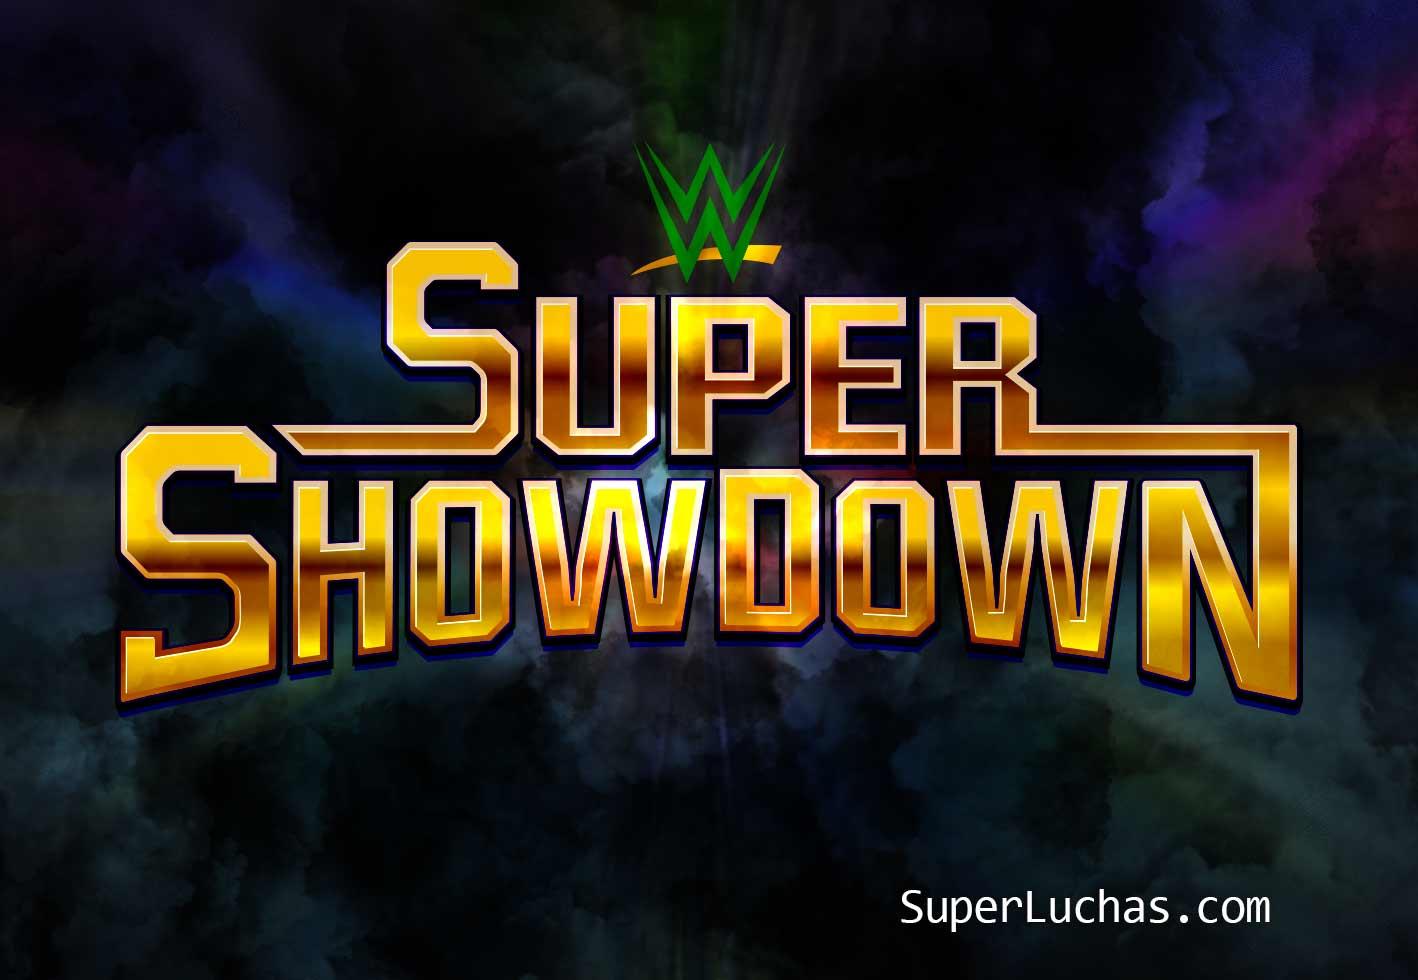 Super Showdown Ergebnisse